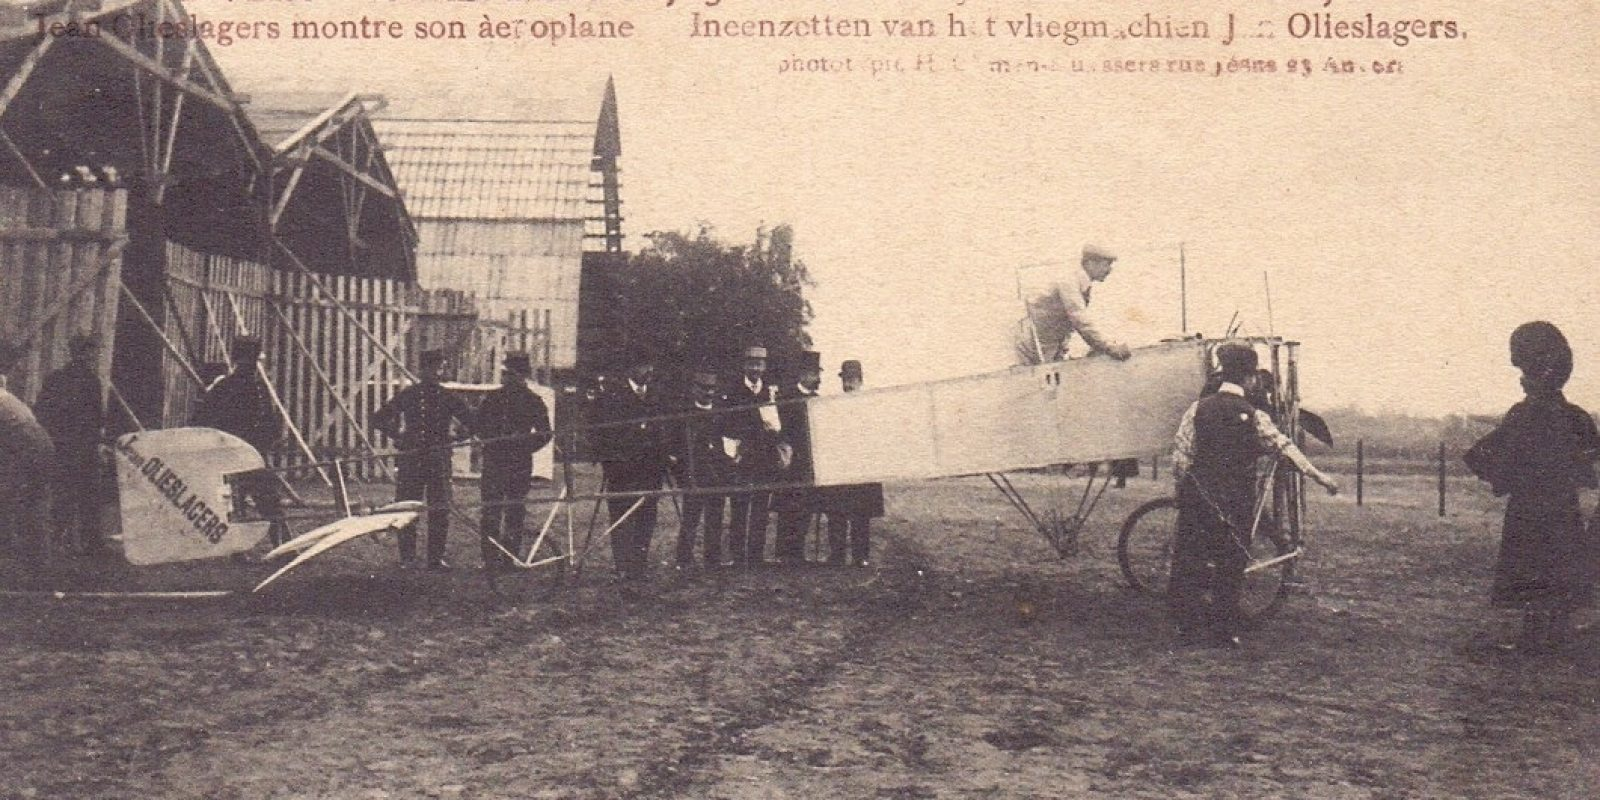 Montage van het vliegtuig van Jan Olieslagers voor de in 1909 georganiseerde Antwerpse vliegweek.